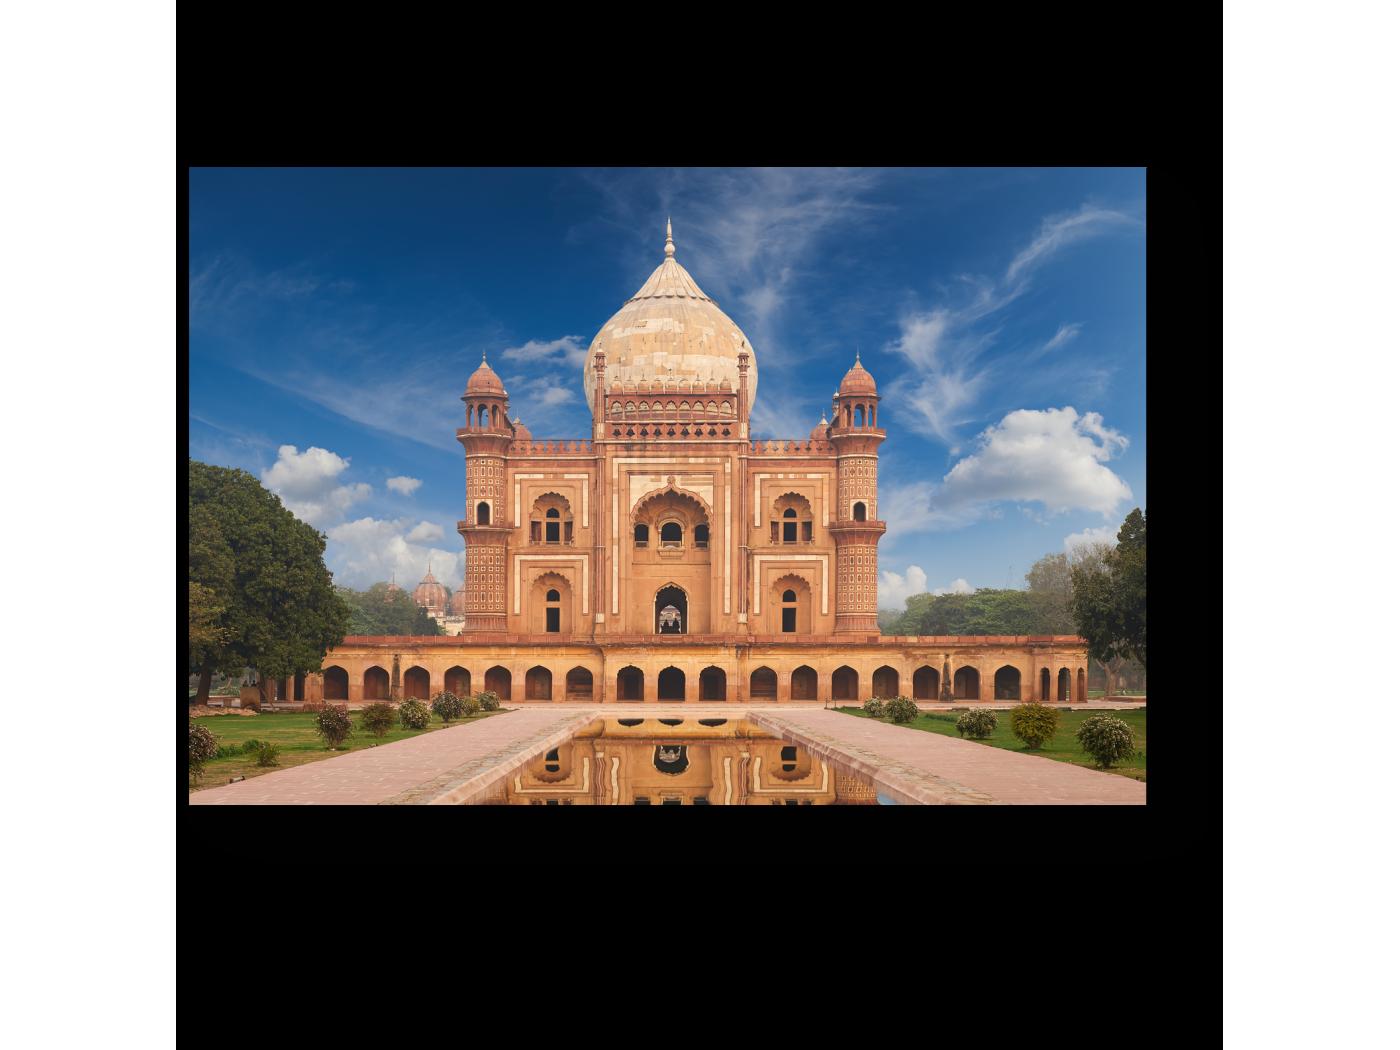 Модульная картина Могила Хумаюн, Нью-Дели (30x20) фото